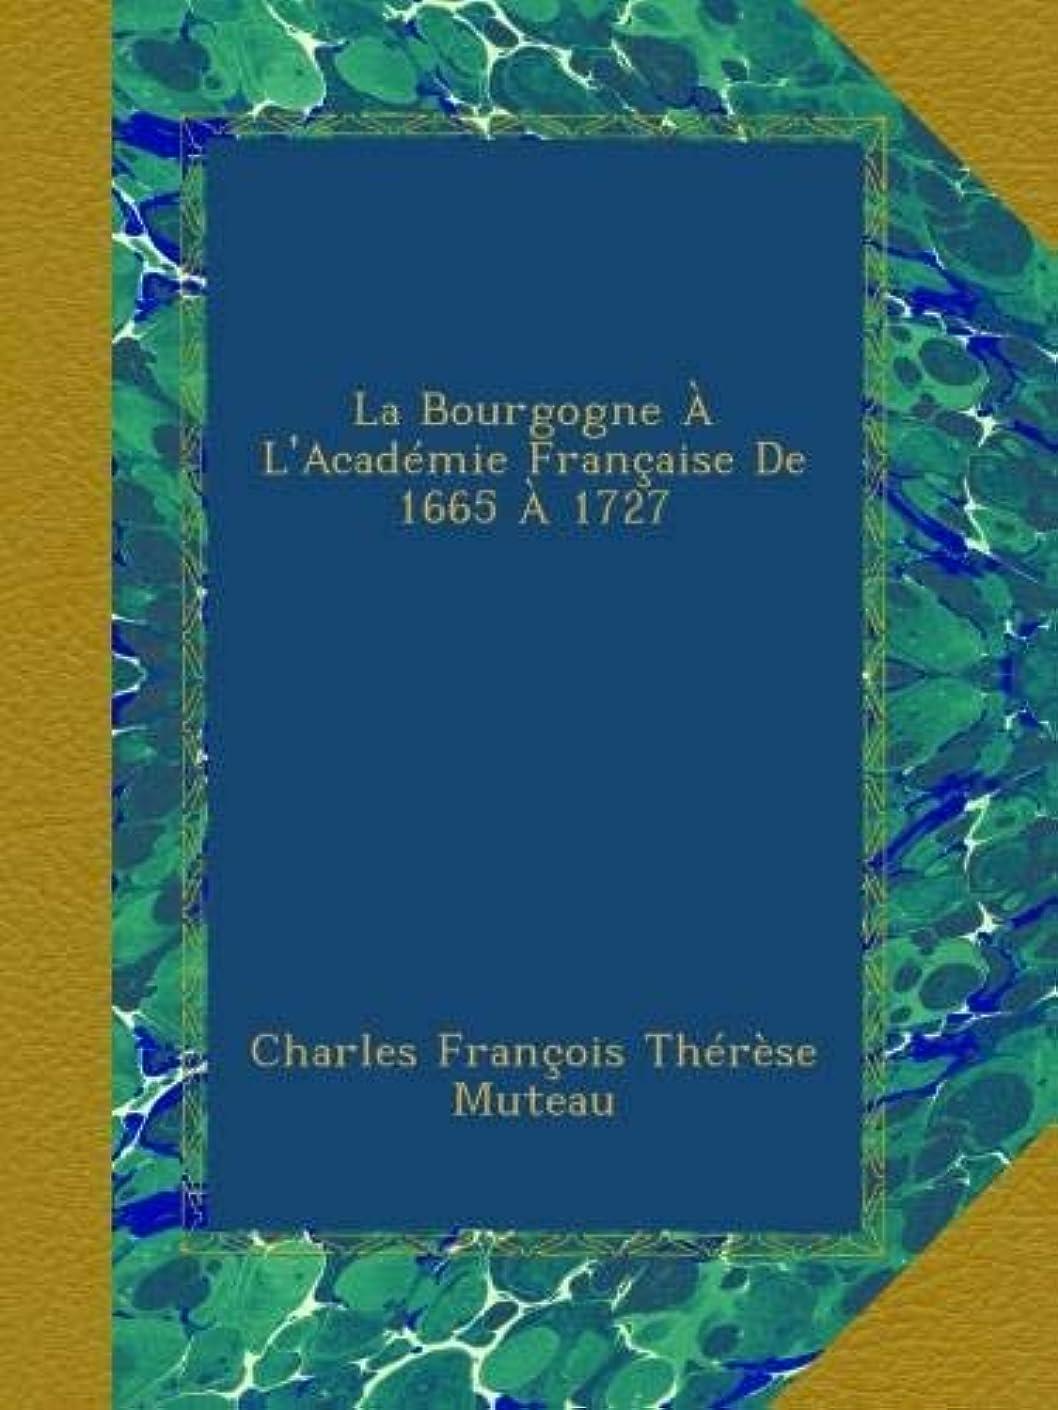 頑張る接続された昇るLa Bourgogne à L'Académie Fran?aise De 1665 à 1727